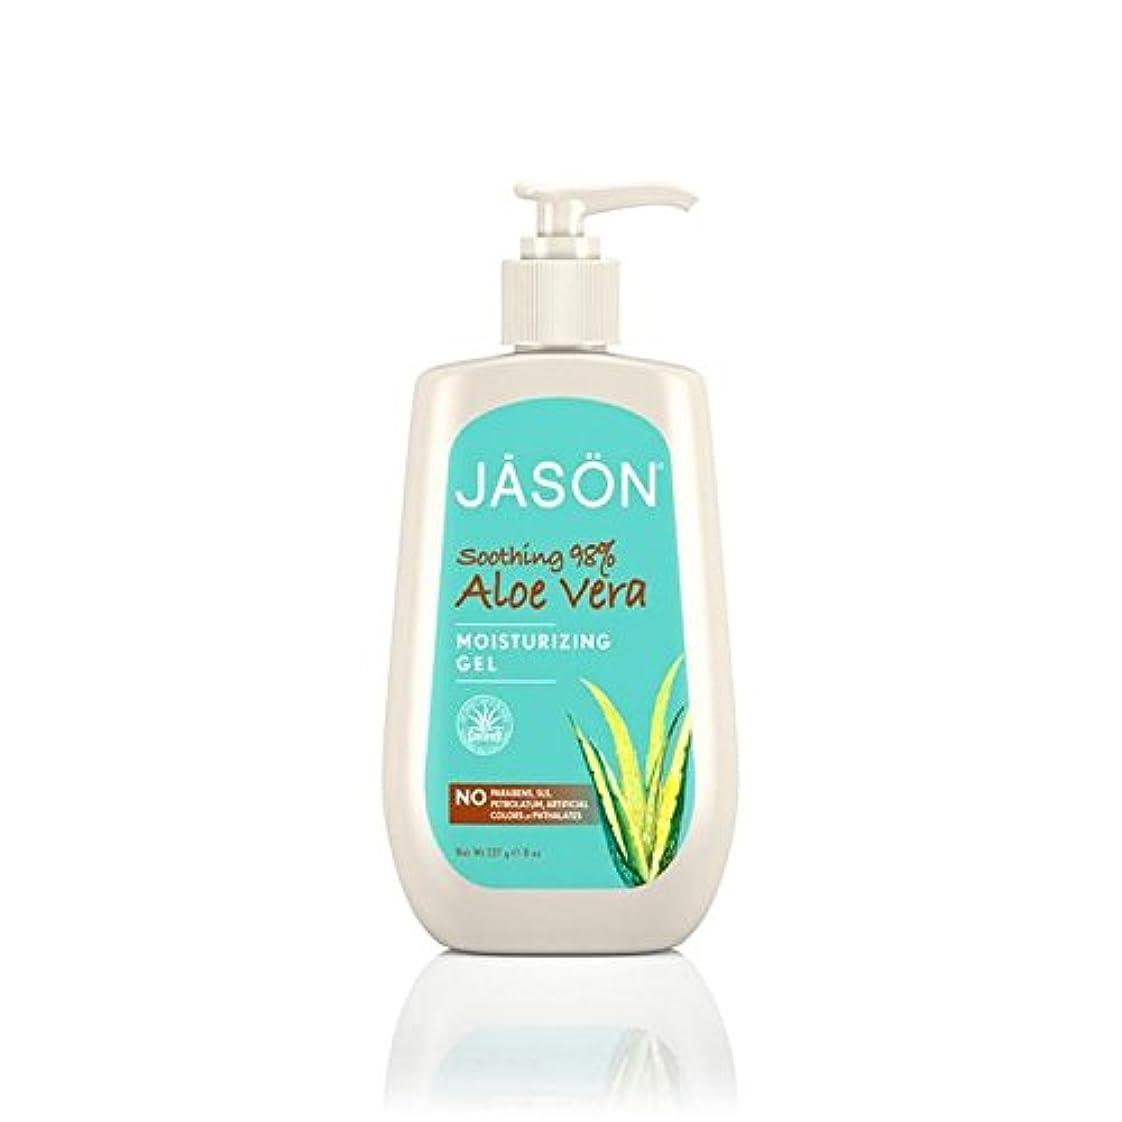 切り離すチチカカ湖ナチュラルJason Aloe Vera 98% Moisturising Gel Pump 240ml (Pack of 6) - ジェイソンアロエベラ98%保湿ゲルポンプ240ミリリットル x6 [並行輸入品]